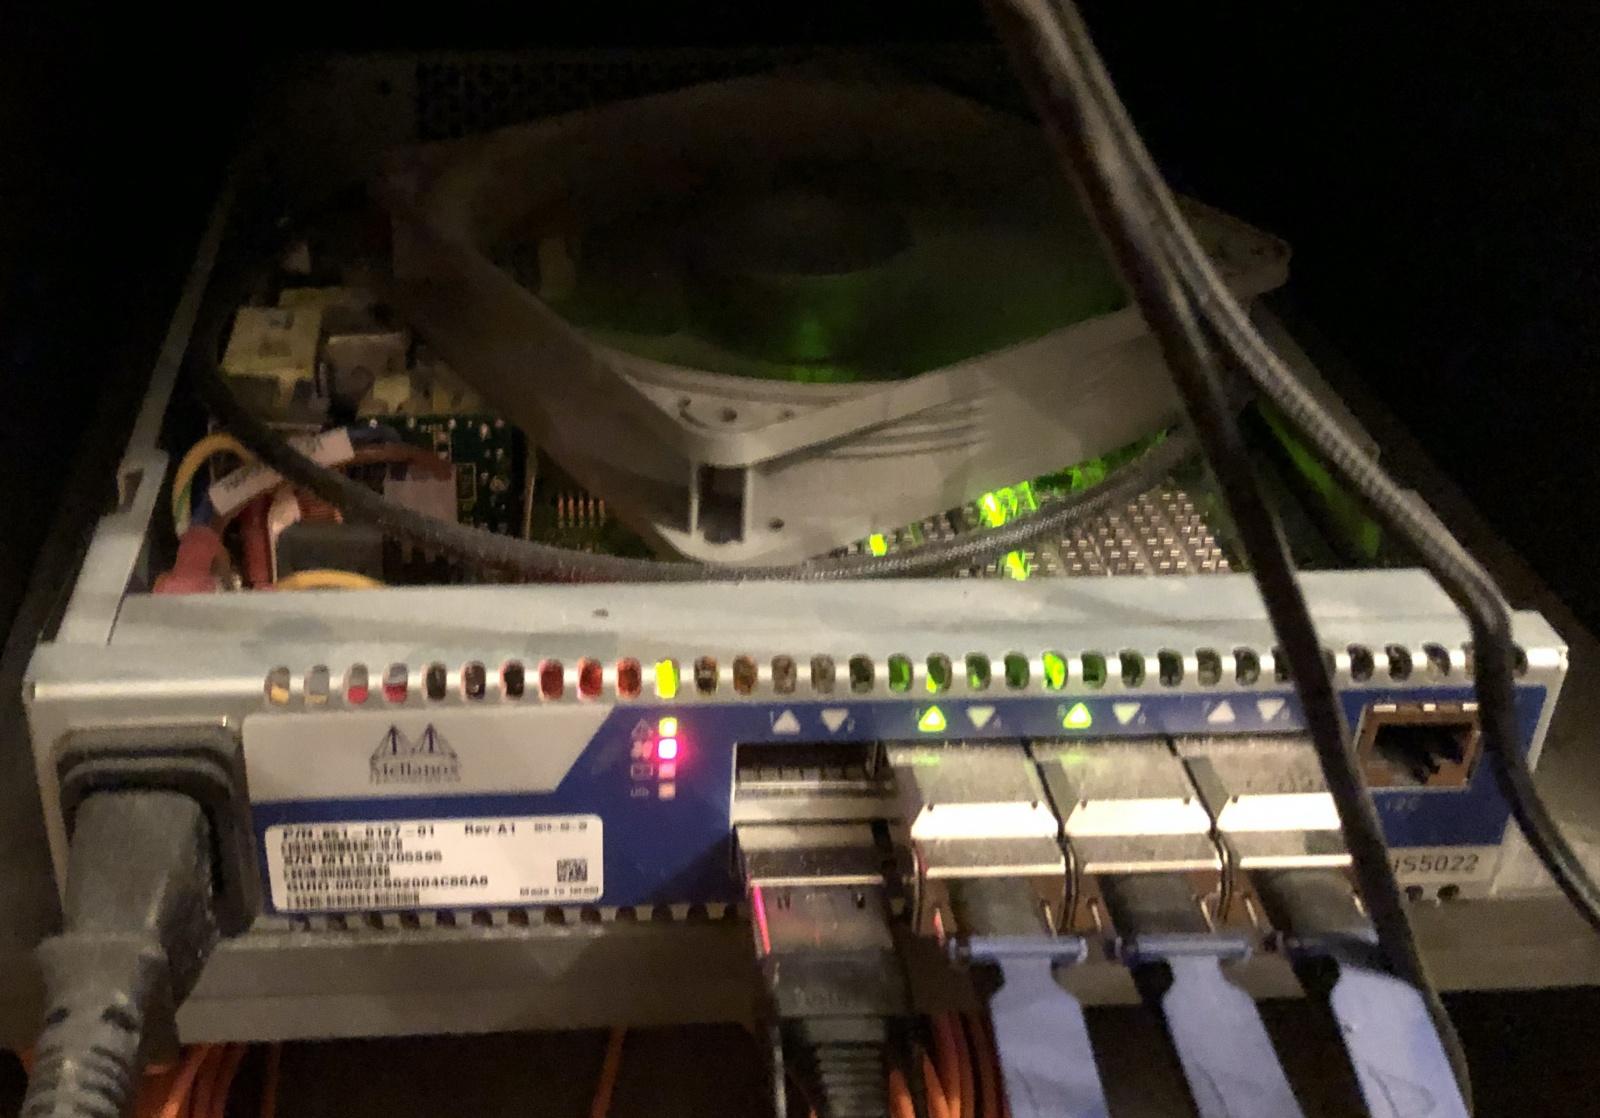 Быстрая сеть в домашней лаборатории или как я связался с InfiniBand - 4